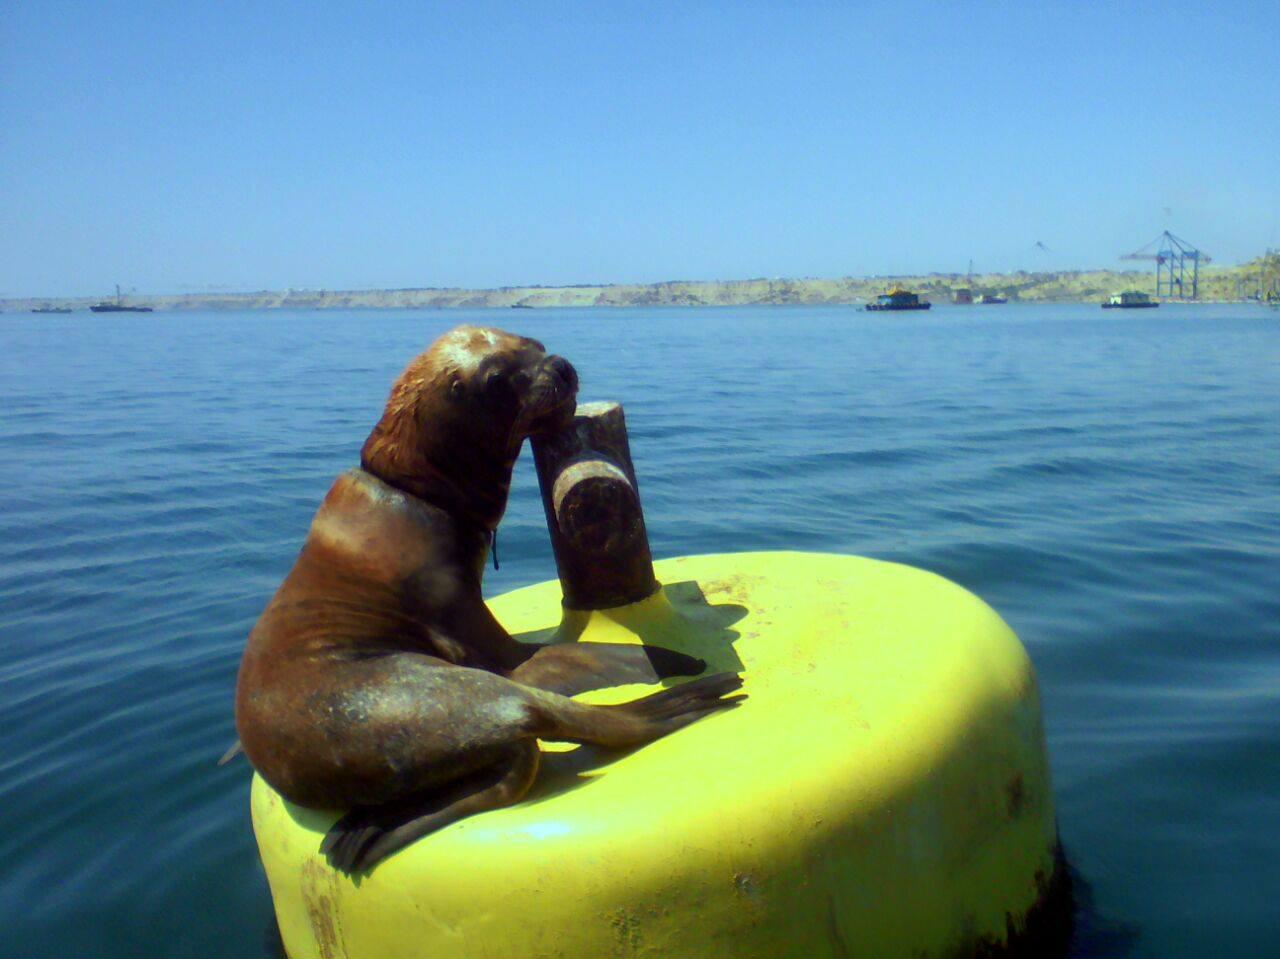 Facebook: Piden ayuda para lobo marino que tiene un alambre alrededor del cuello en Piura [Fotos]